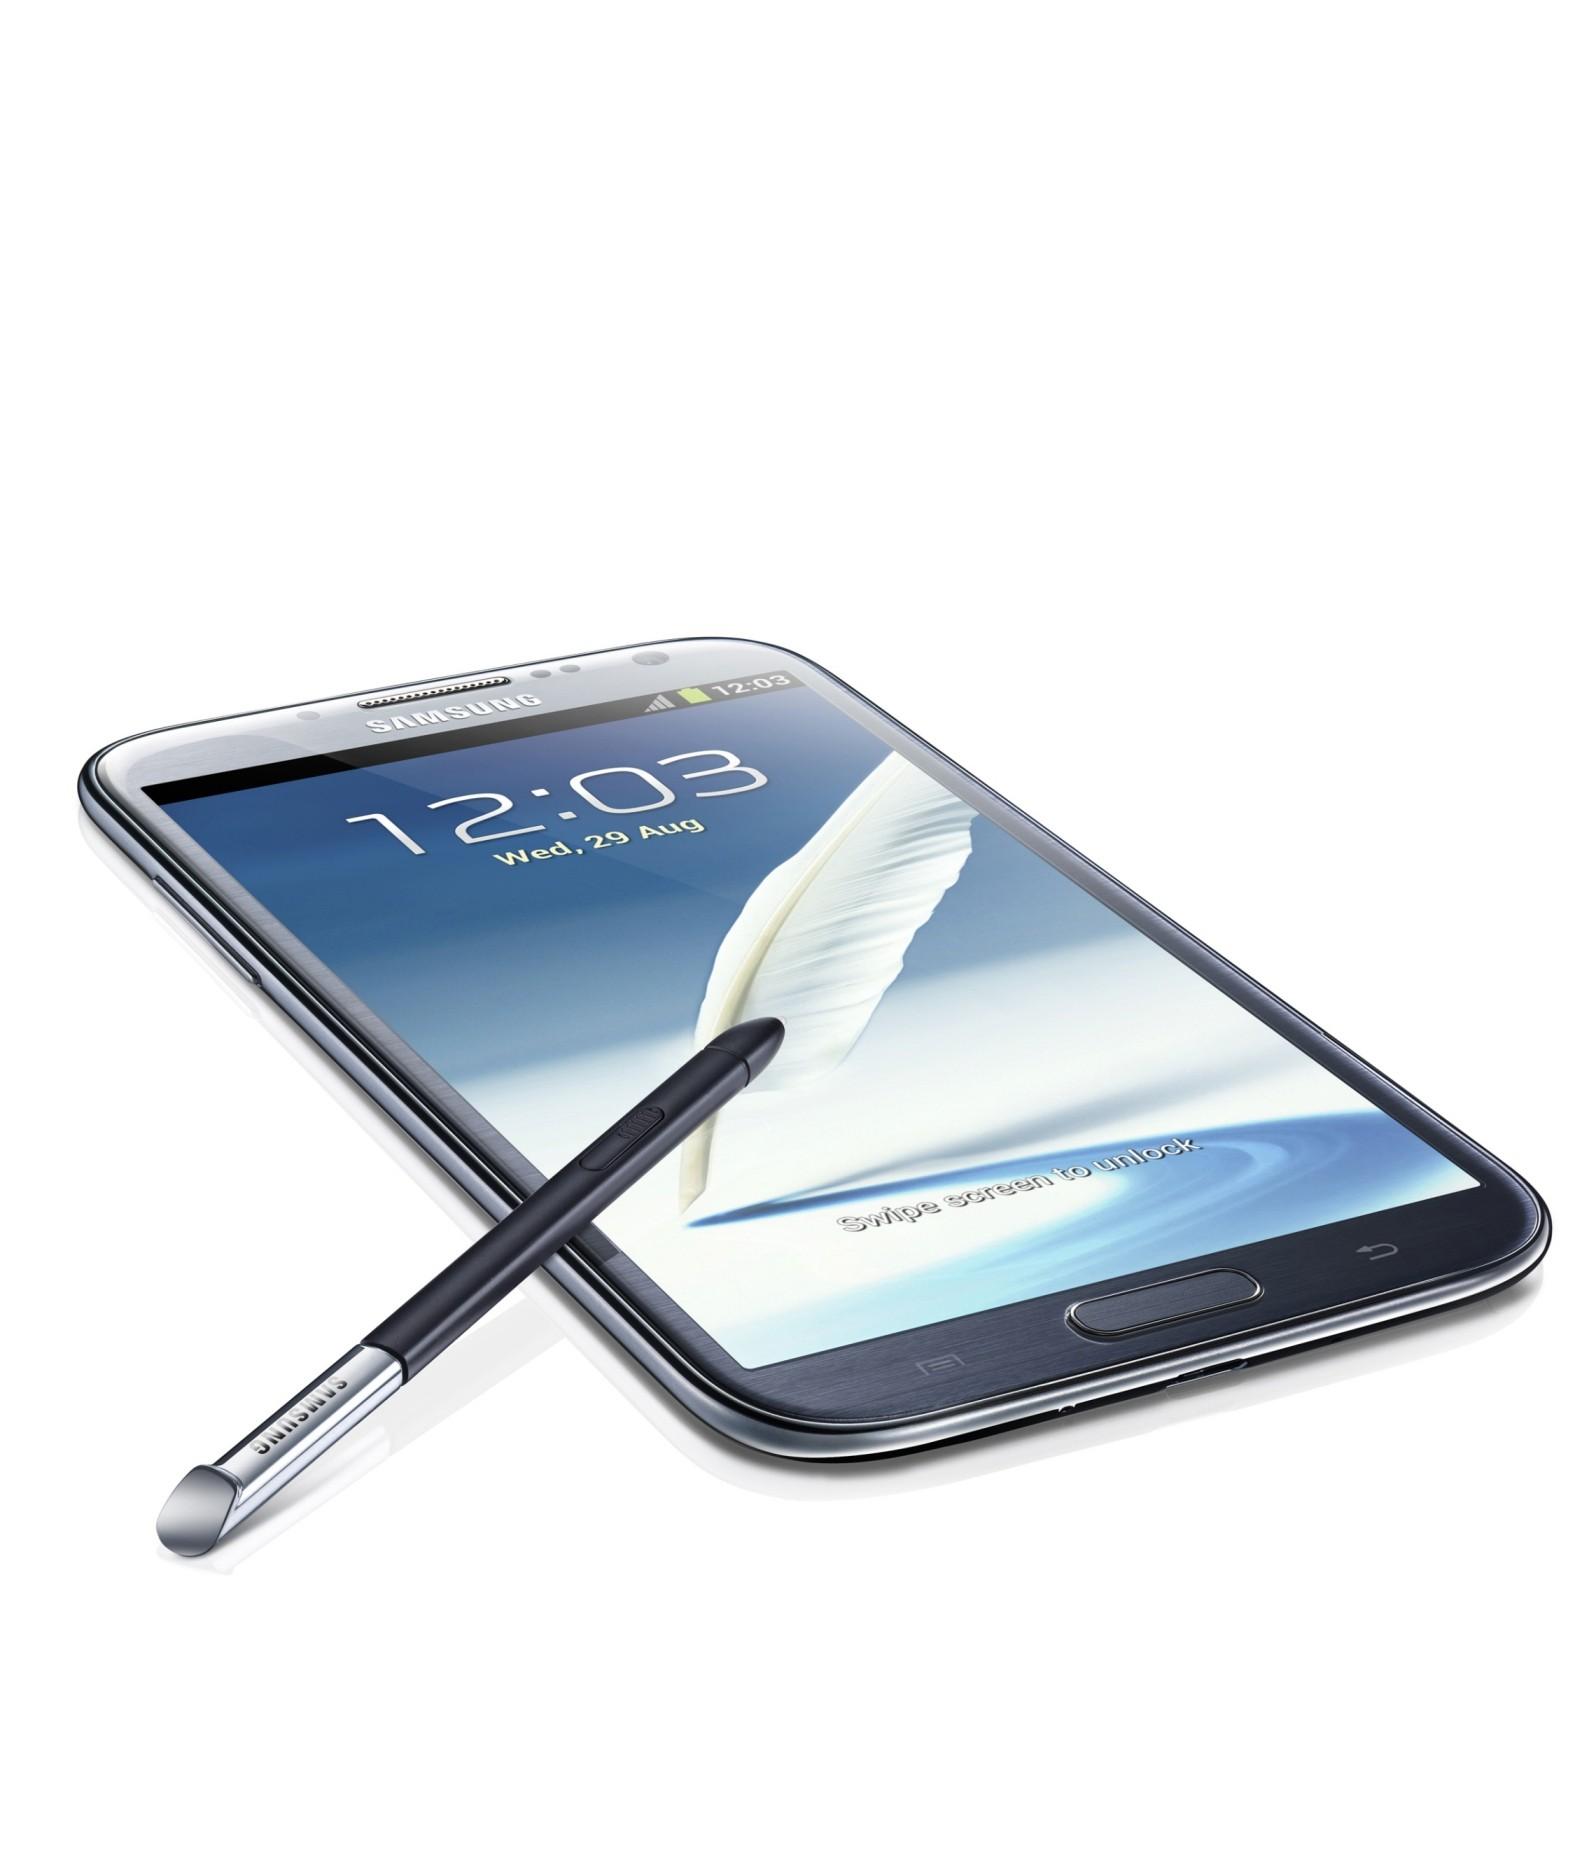 Galaxy Note II: Samsung pubblica un video sul photo editing con PicsArt